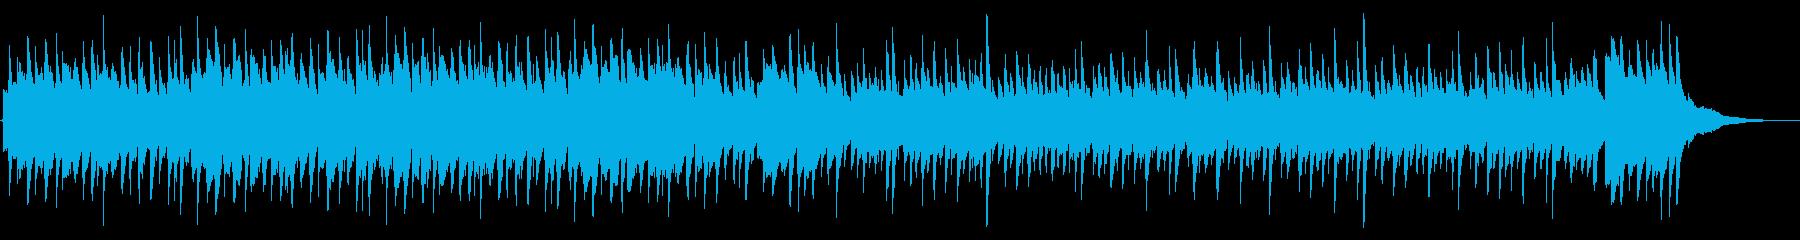 企業VP系ピアノ会社紹介学校紹介の再生済みの波形